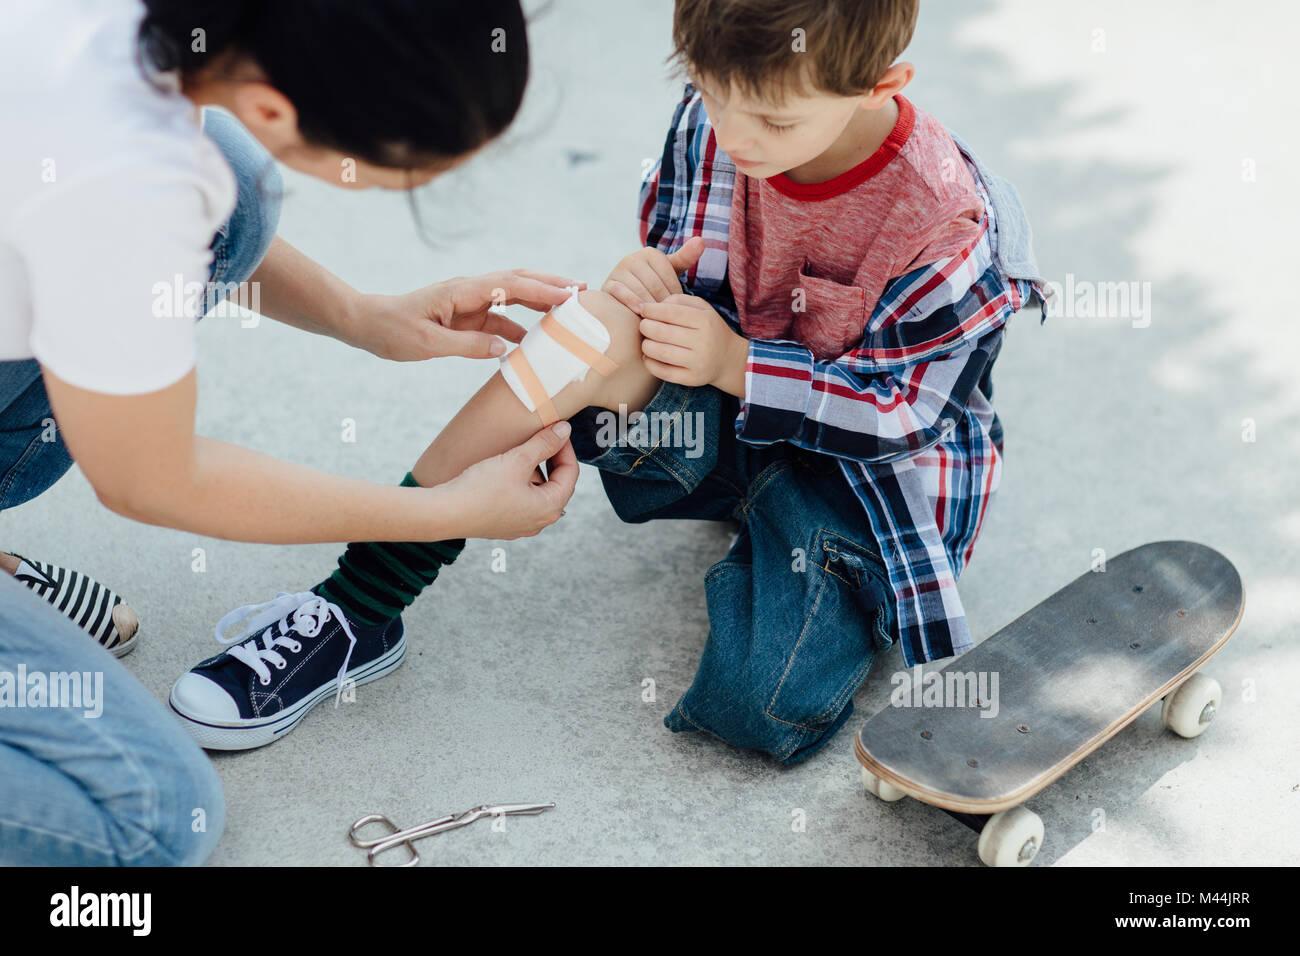 Les infirmières de la mère une saignée de son fils couper la planche à roulettes et met un plâtre Photo Stock